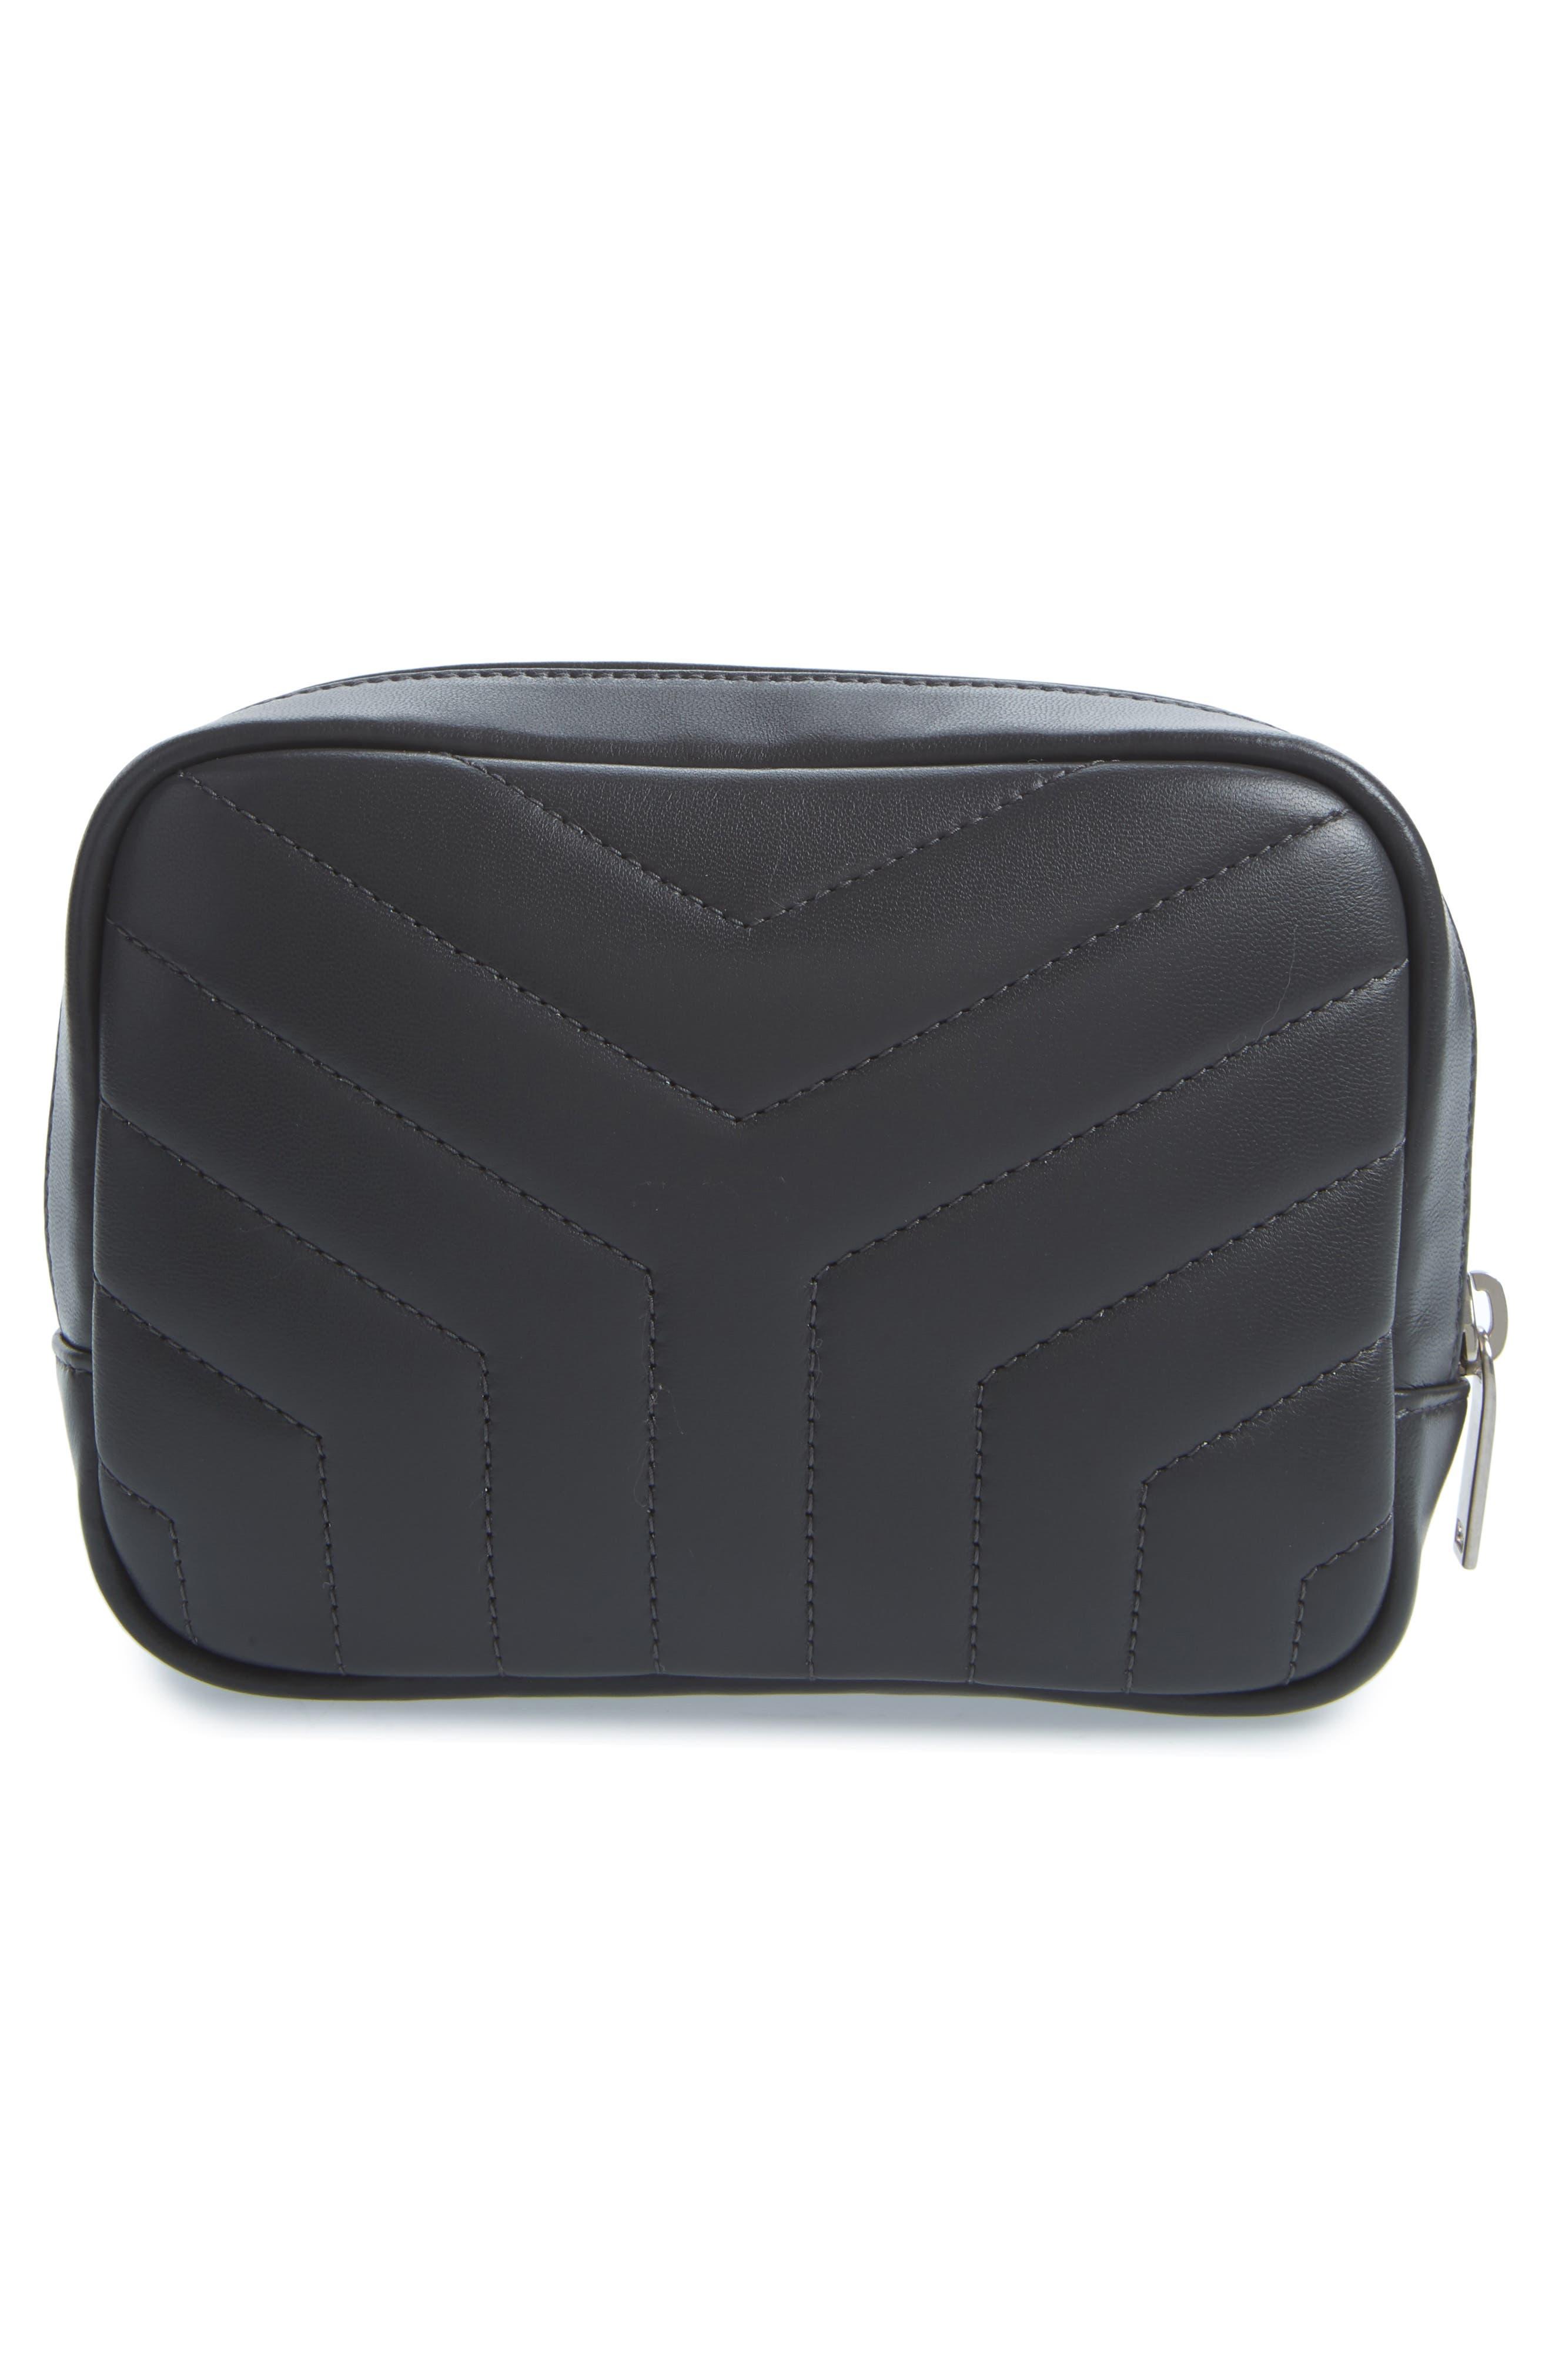 Loulou Matelassé Leather Cosmetics Bag,                             Alternate thumbnail 2, color,                             Storm